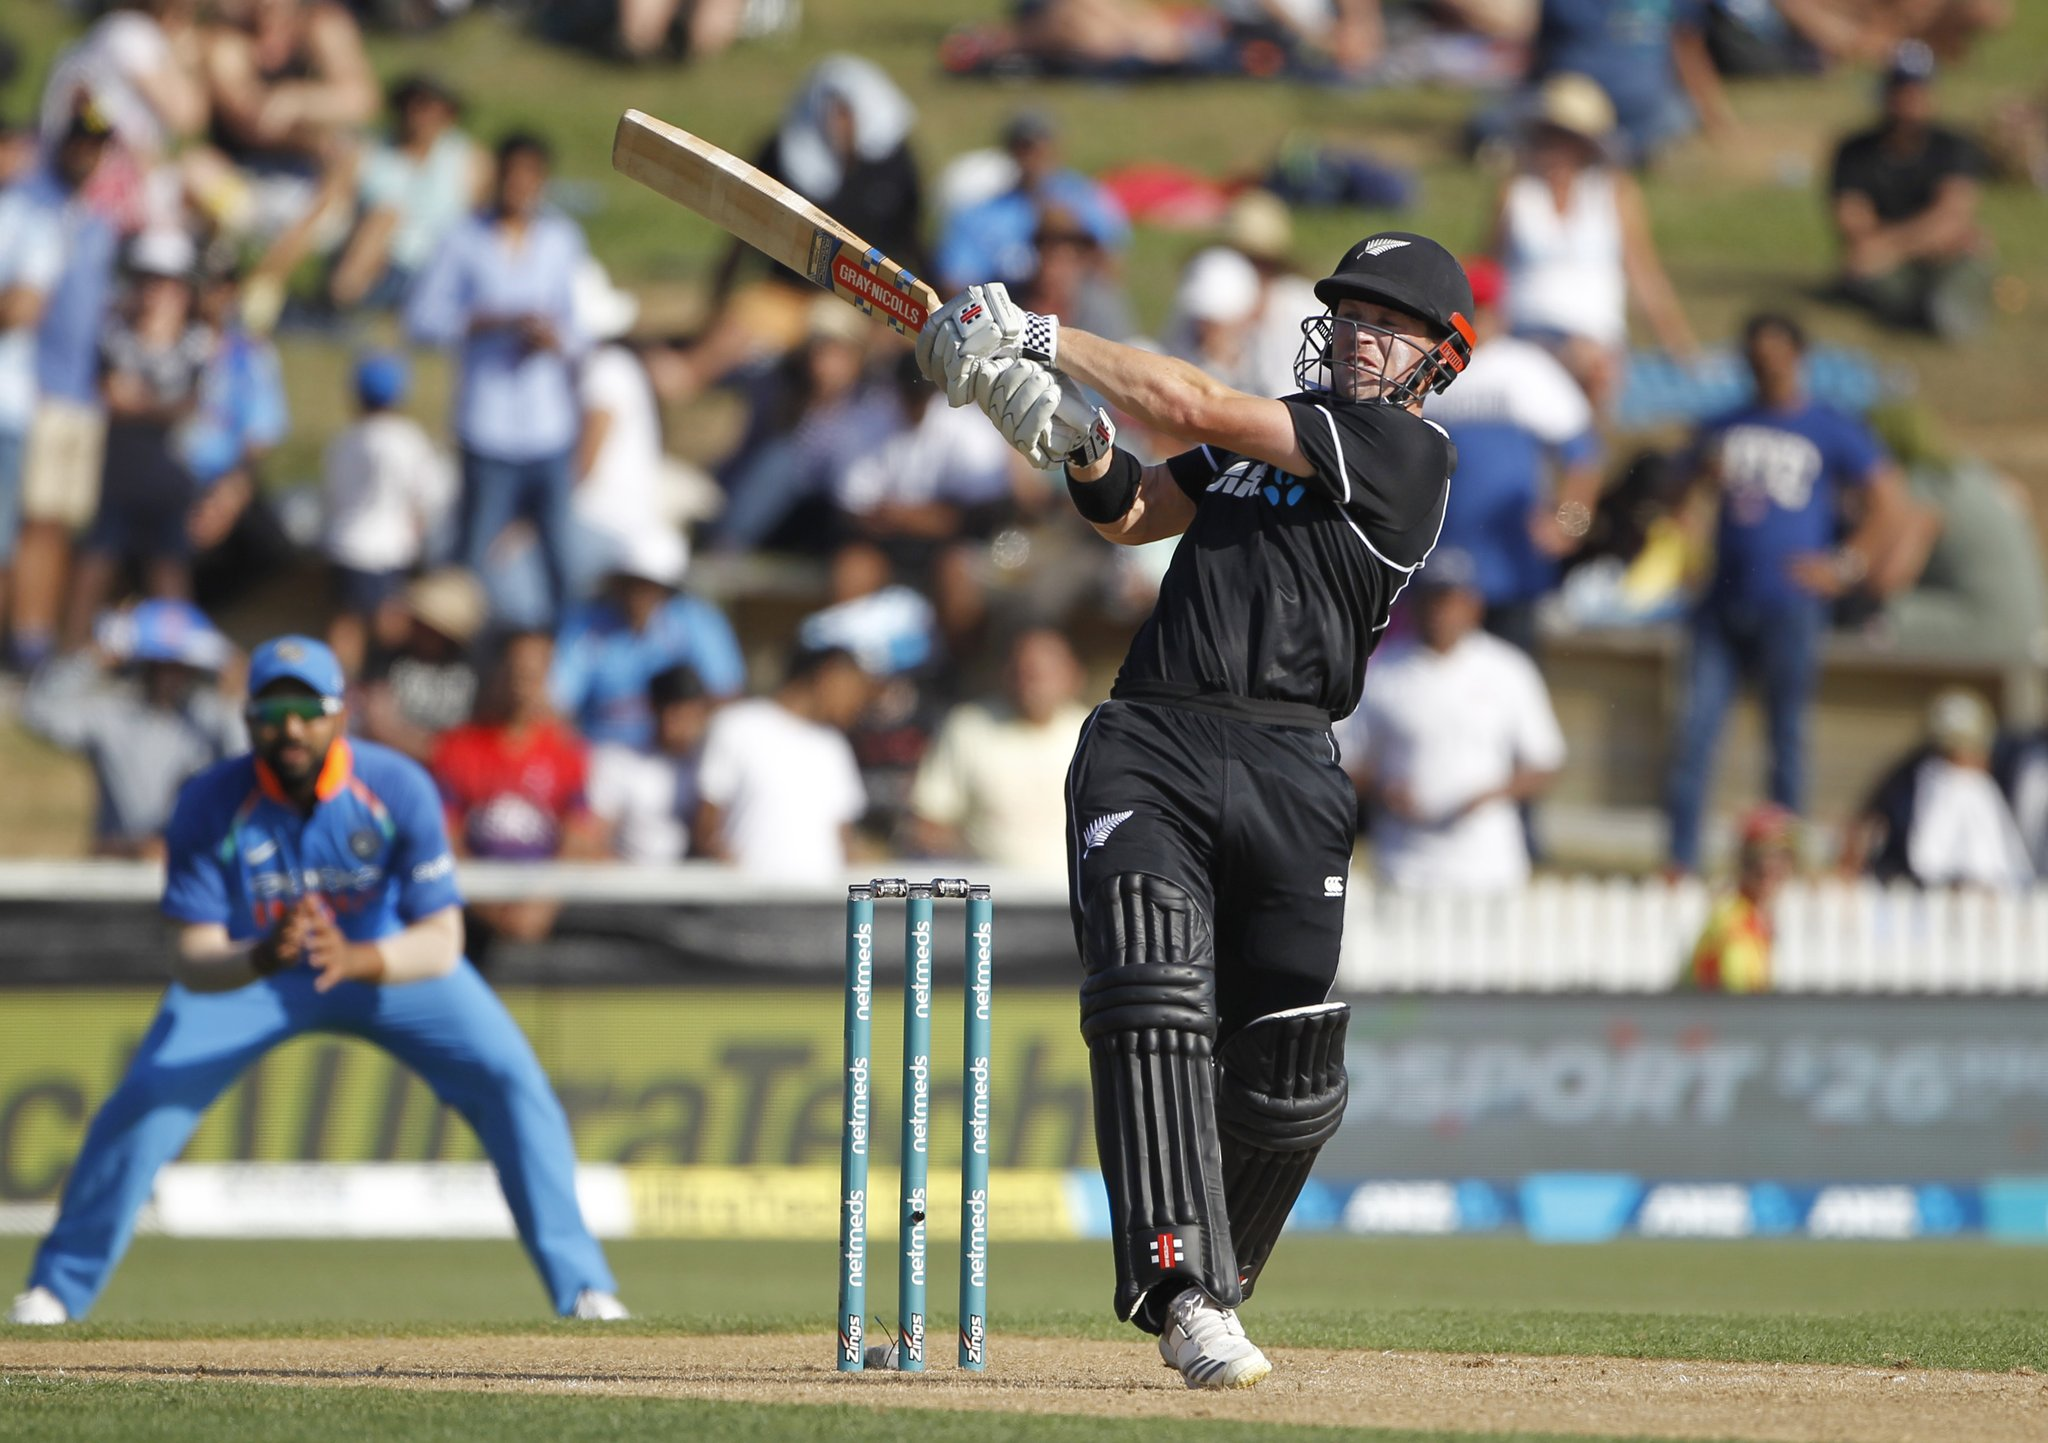 चौथे वनडे में भारत को न्यूजीलैंड ने आठ विकेट से हराया, 92 रनों पर ढेर हो गई थी टीम इंडिया 11